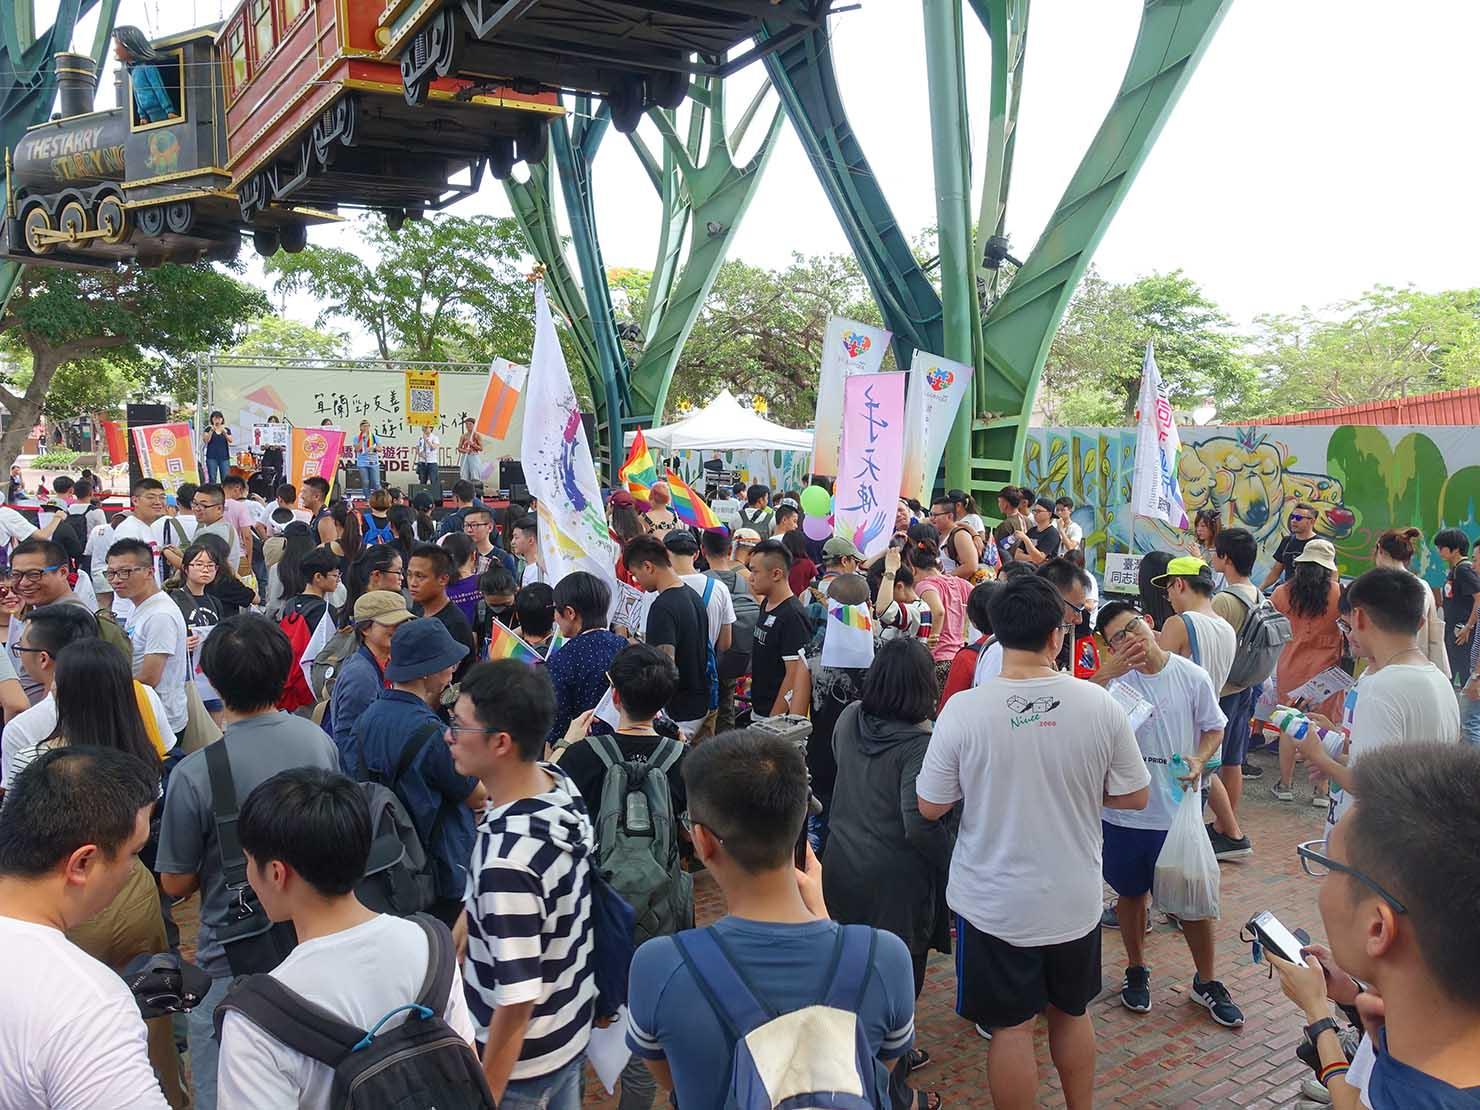 2018年台湾のLGBTプライド「宜蘭驕傲大遊行(宜蘭プライド)」の会場に集合する参加者たち